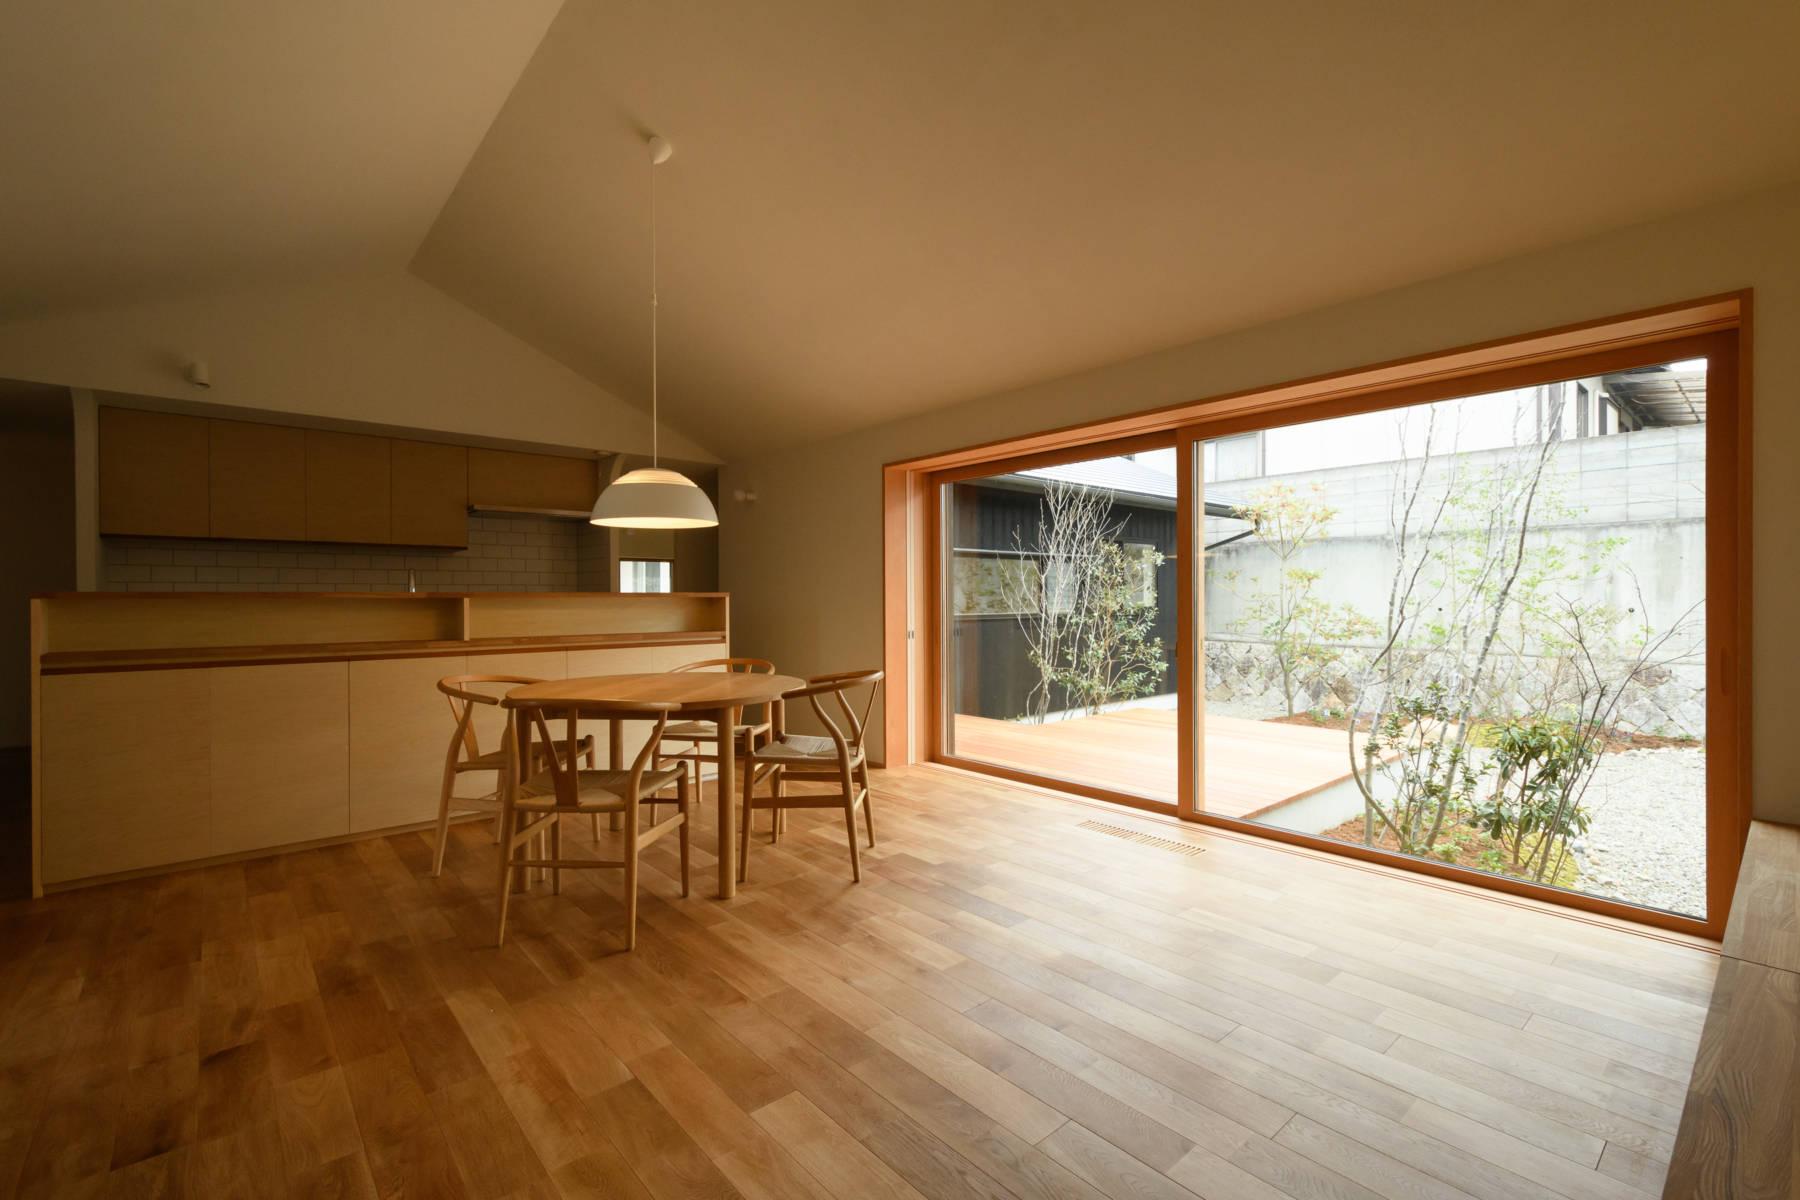 早島の家 大開口で仕切りのない空間の平屋